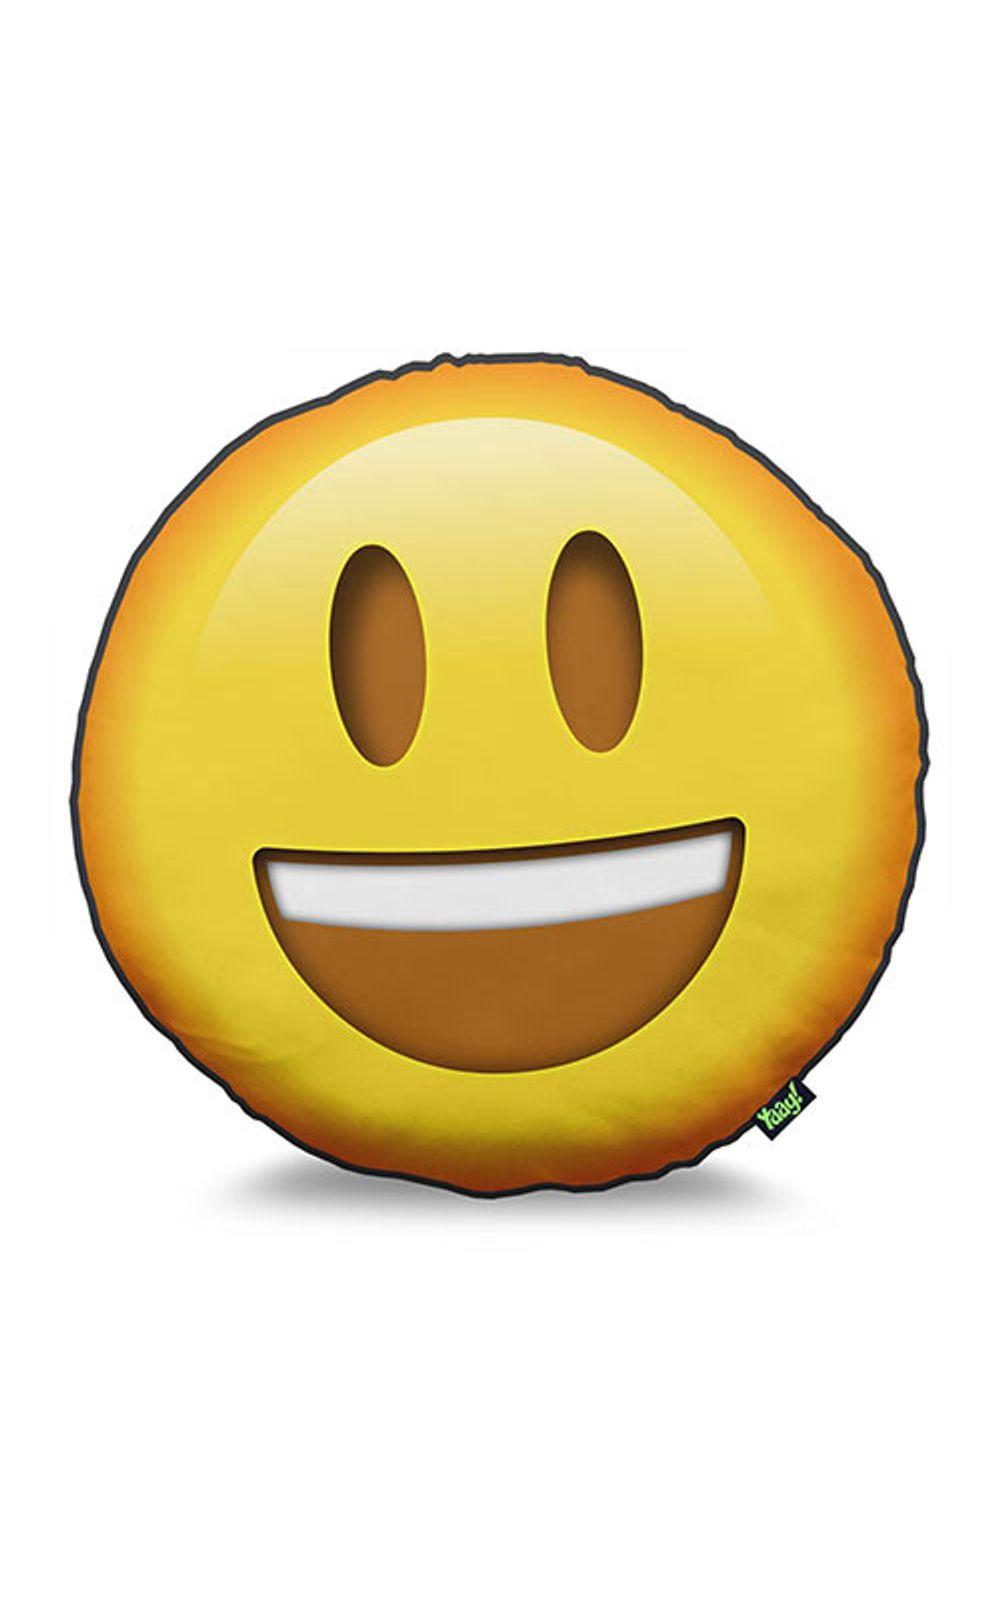 Foto 1 - Almofada Emoji Feliz Emoticon